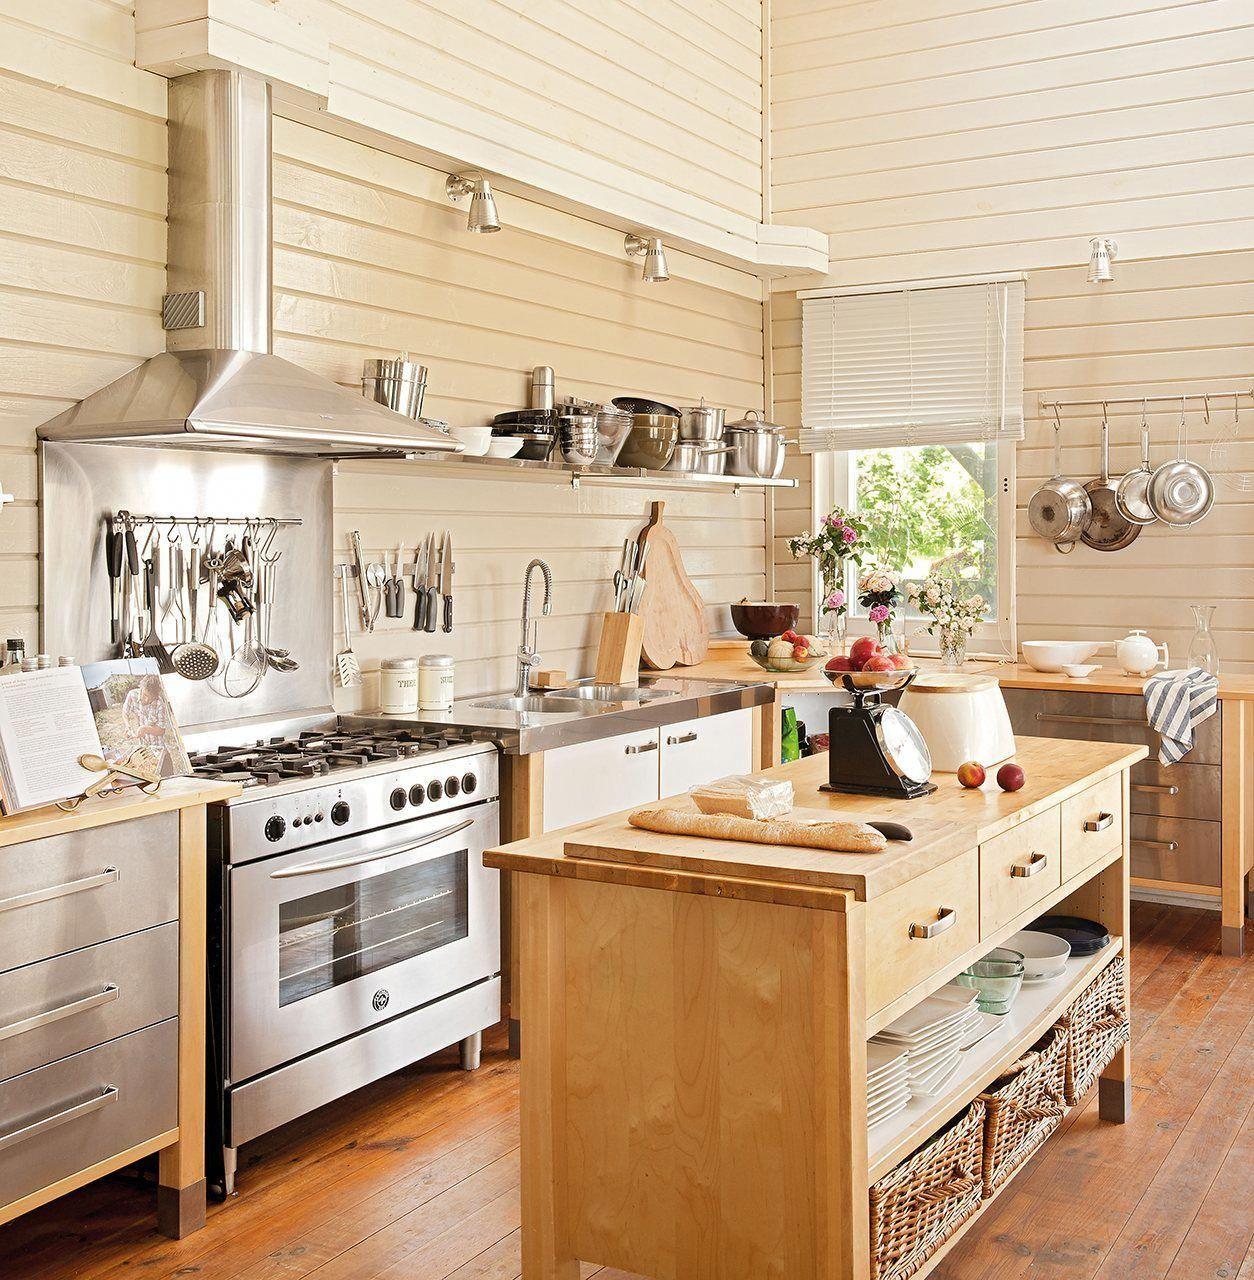 Cocina Mobiliario Similar Al Modelo Varde De Ikea Igual Que El